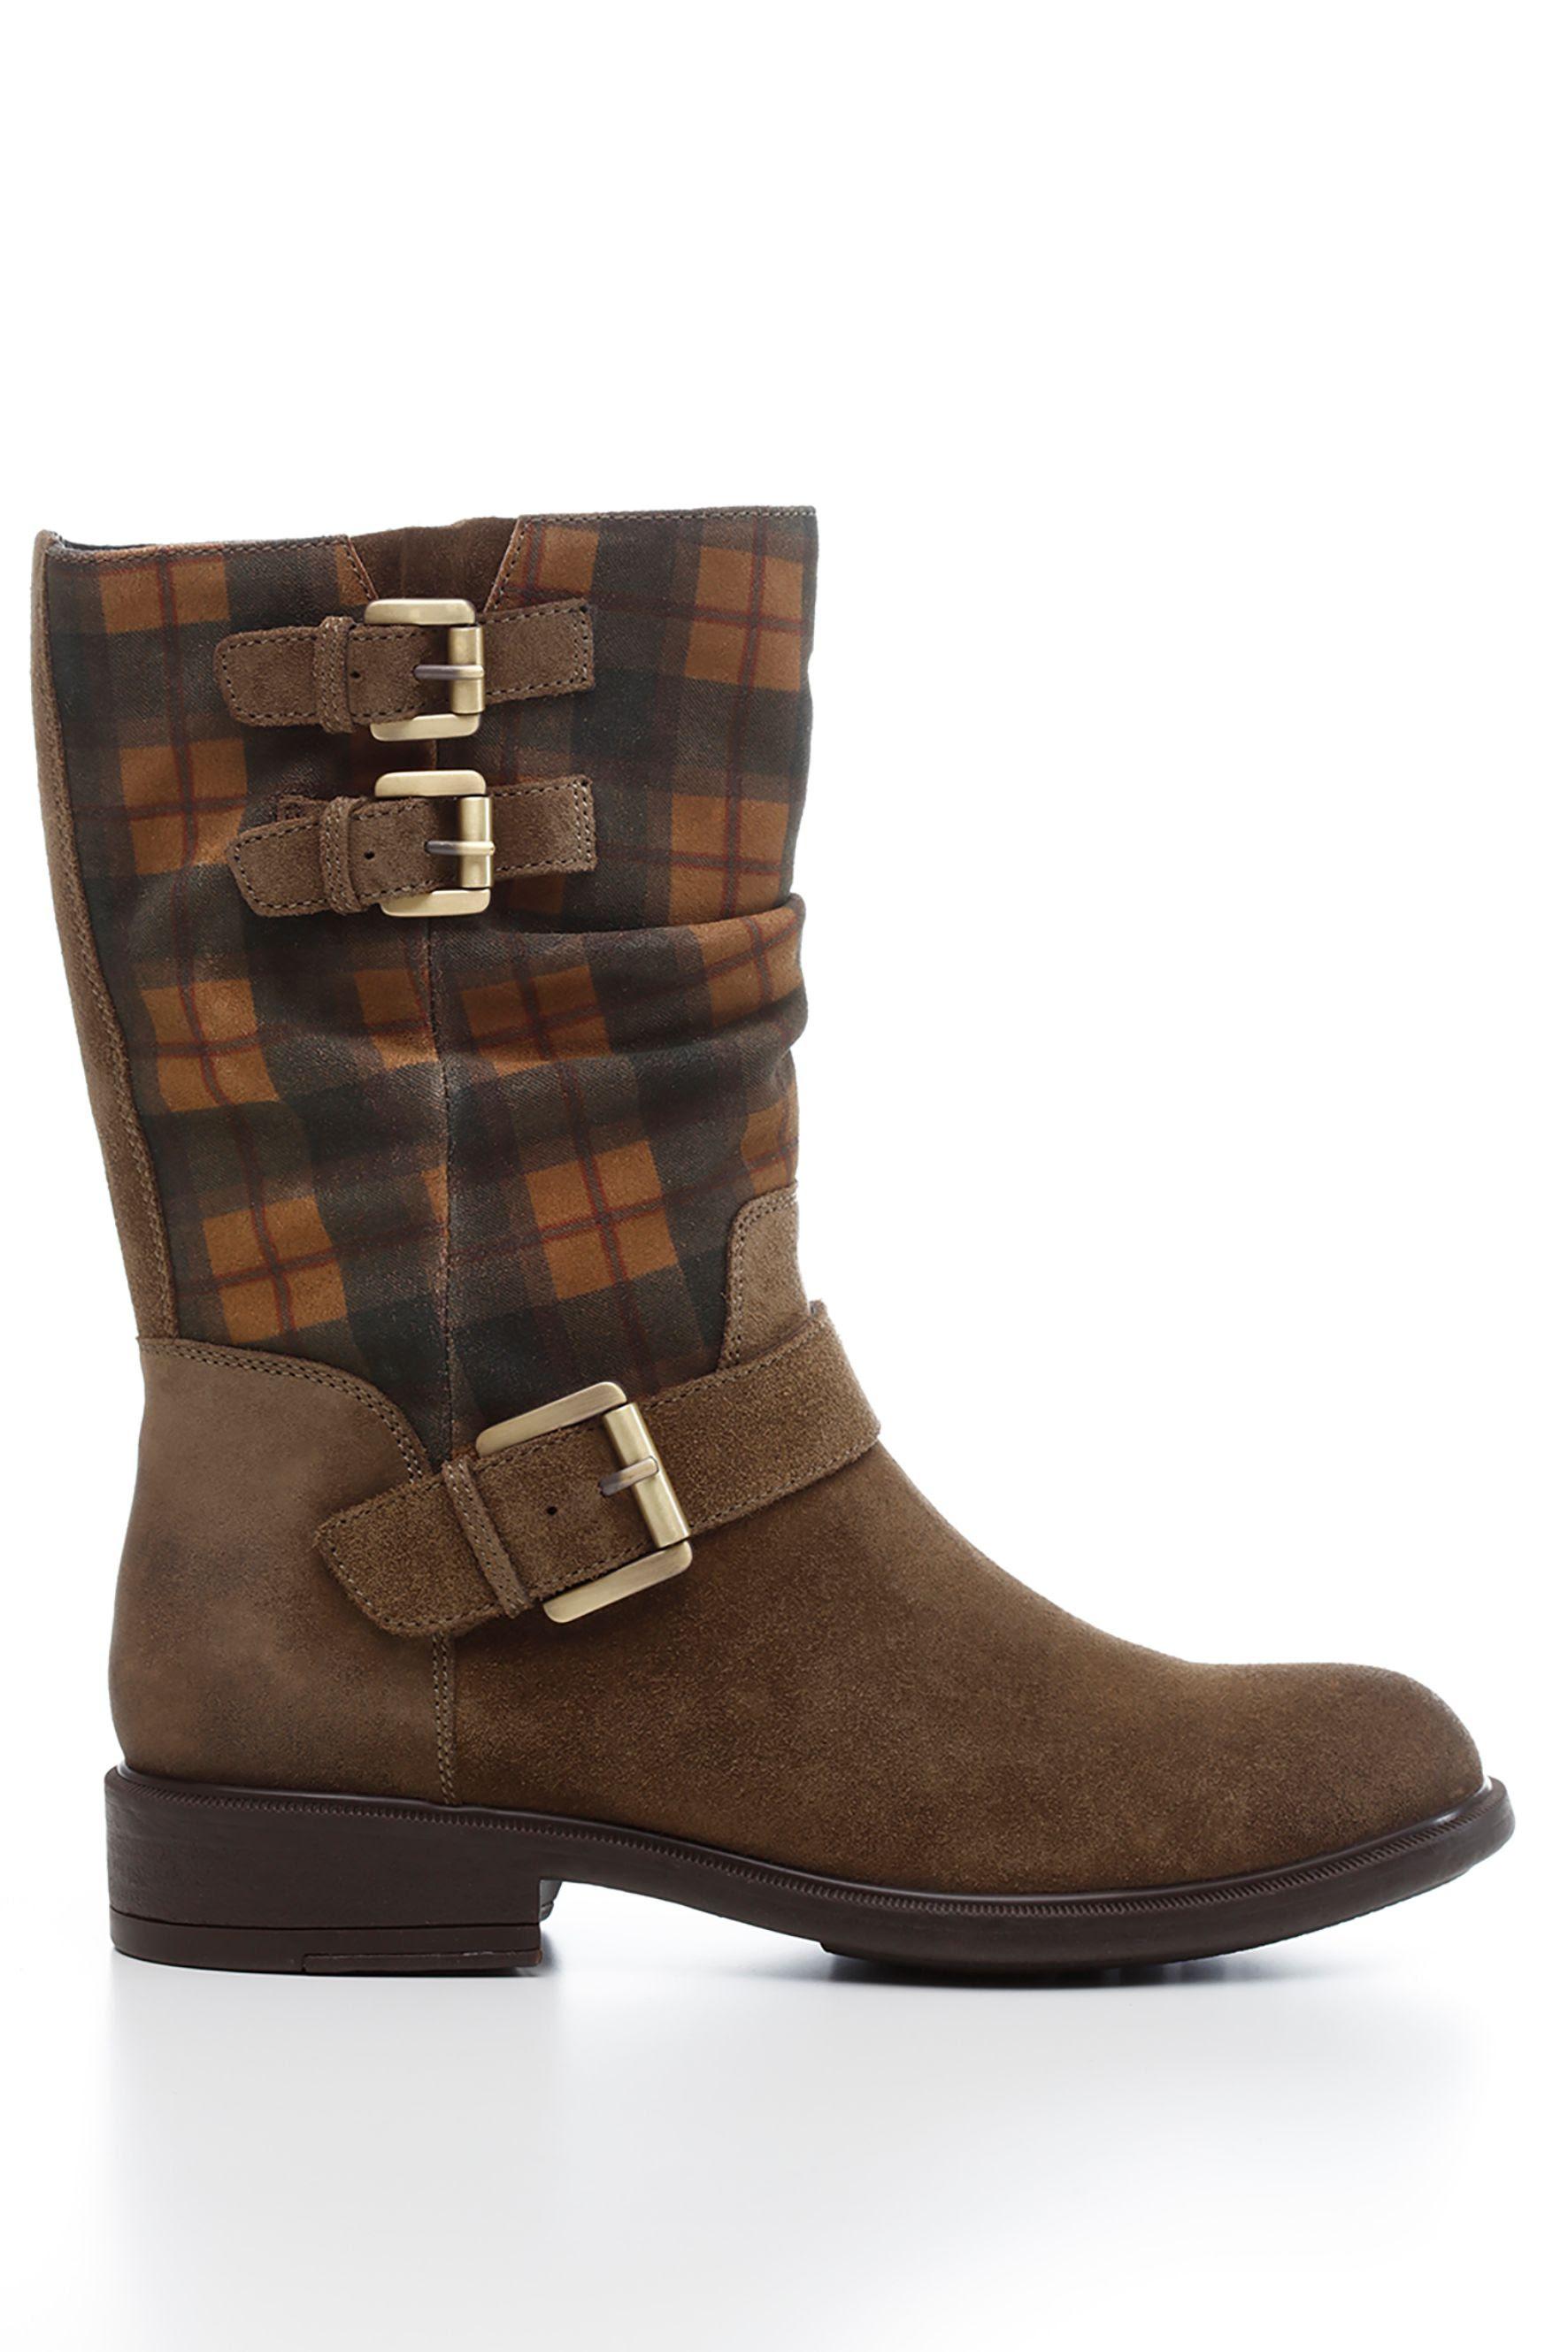 0c2a79e8 9043 4576 aa54 ae48a40d0ed6 - GEOX presenta su colección Otoño/Invierno 2020 de calzado y prendas exteriores para mujer